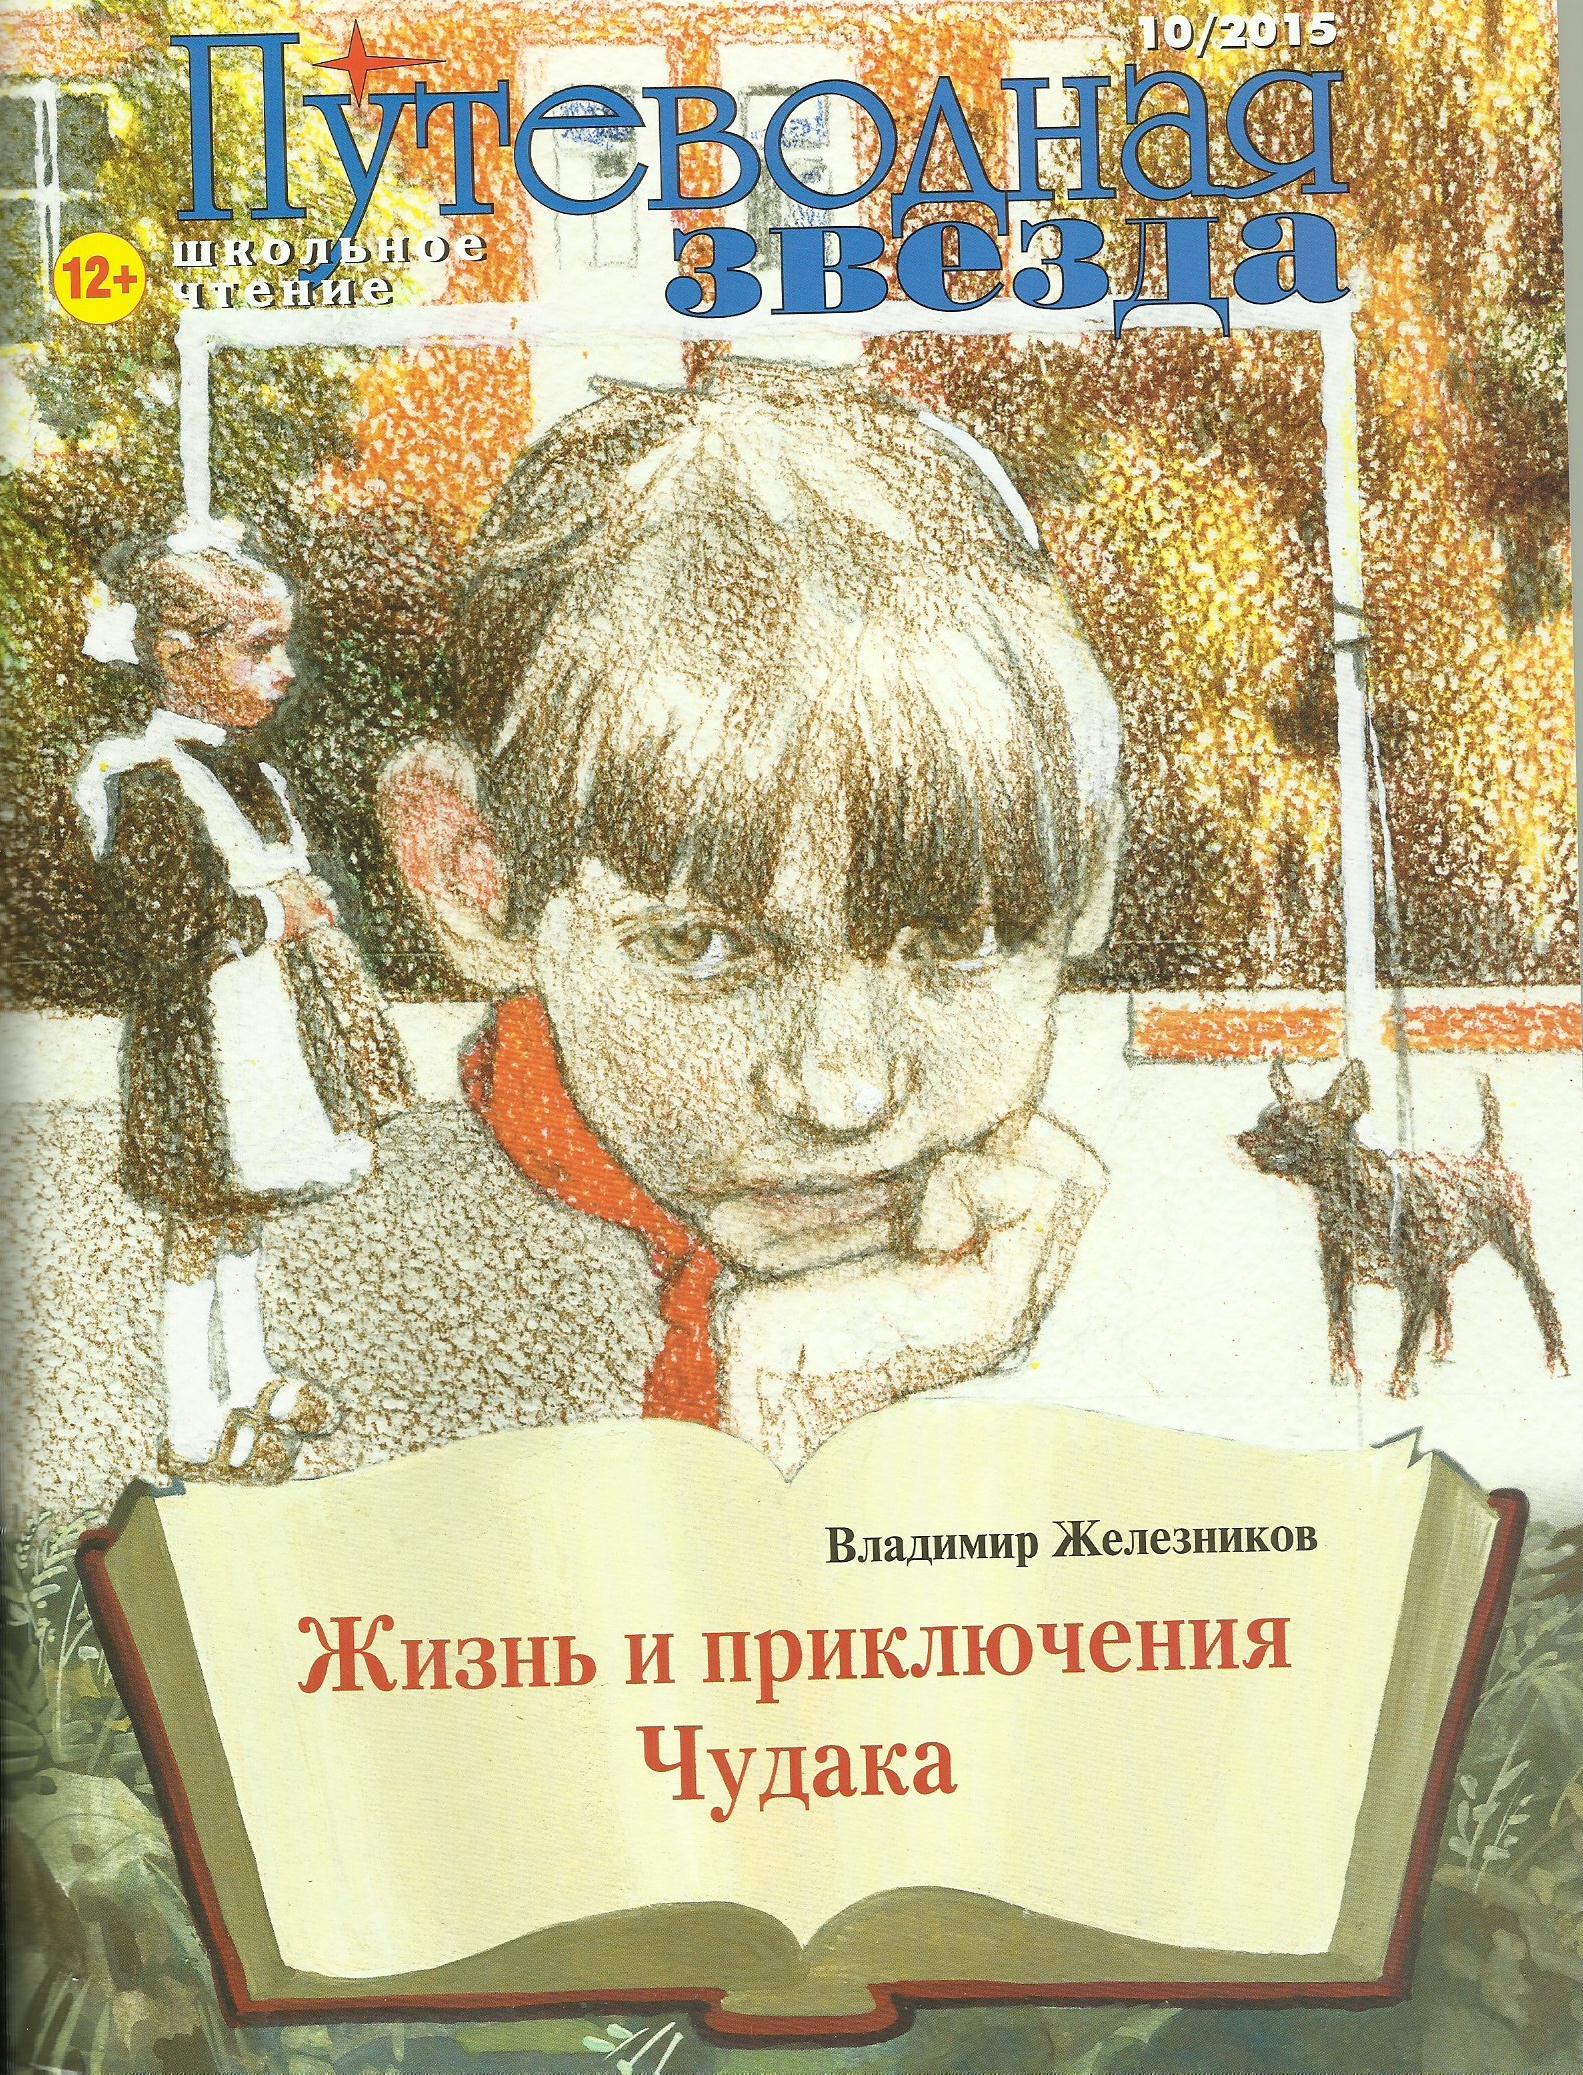 история и обществознание для школьников журнал